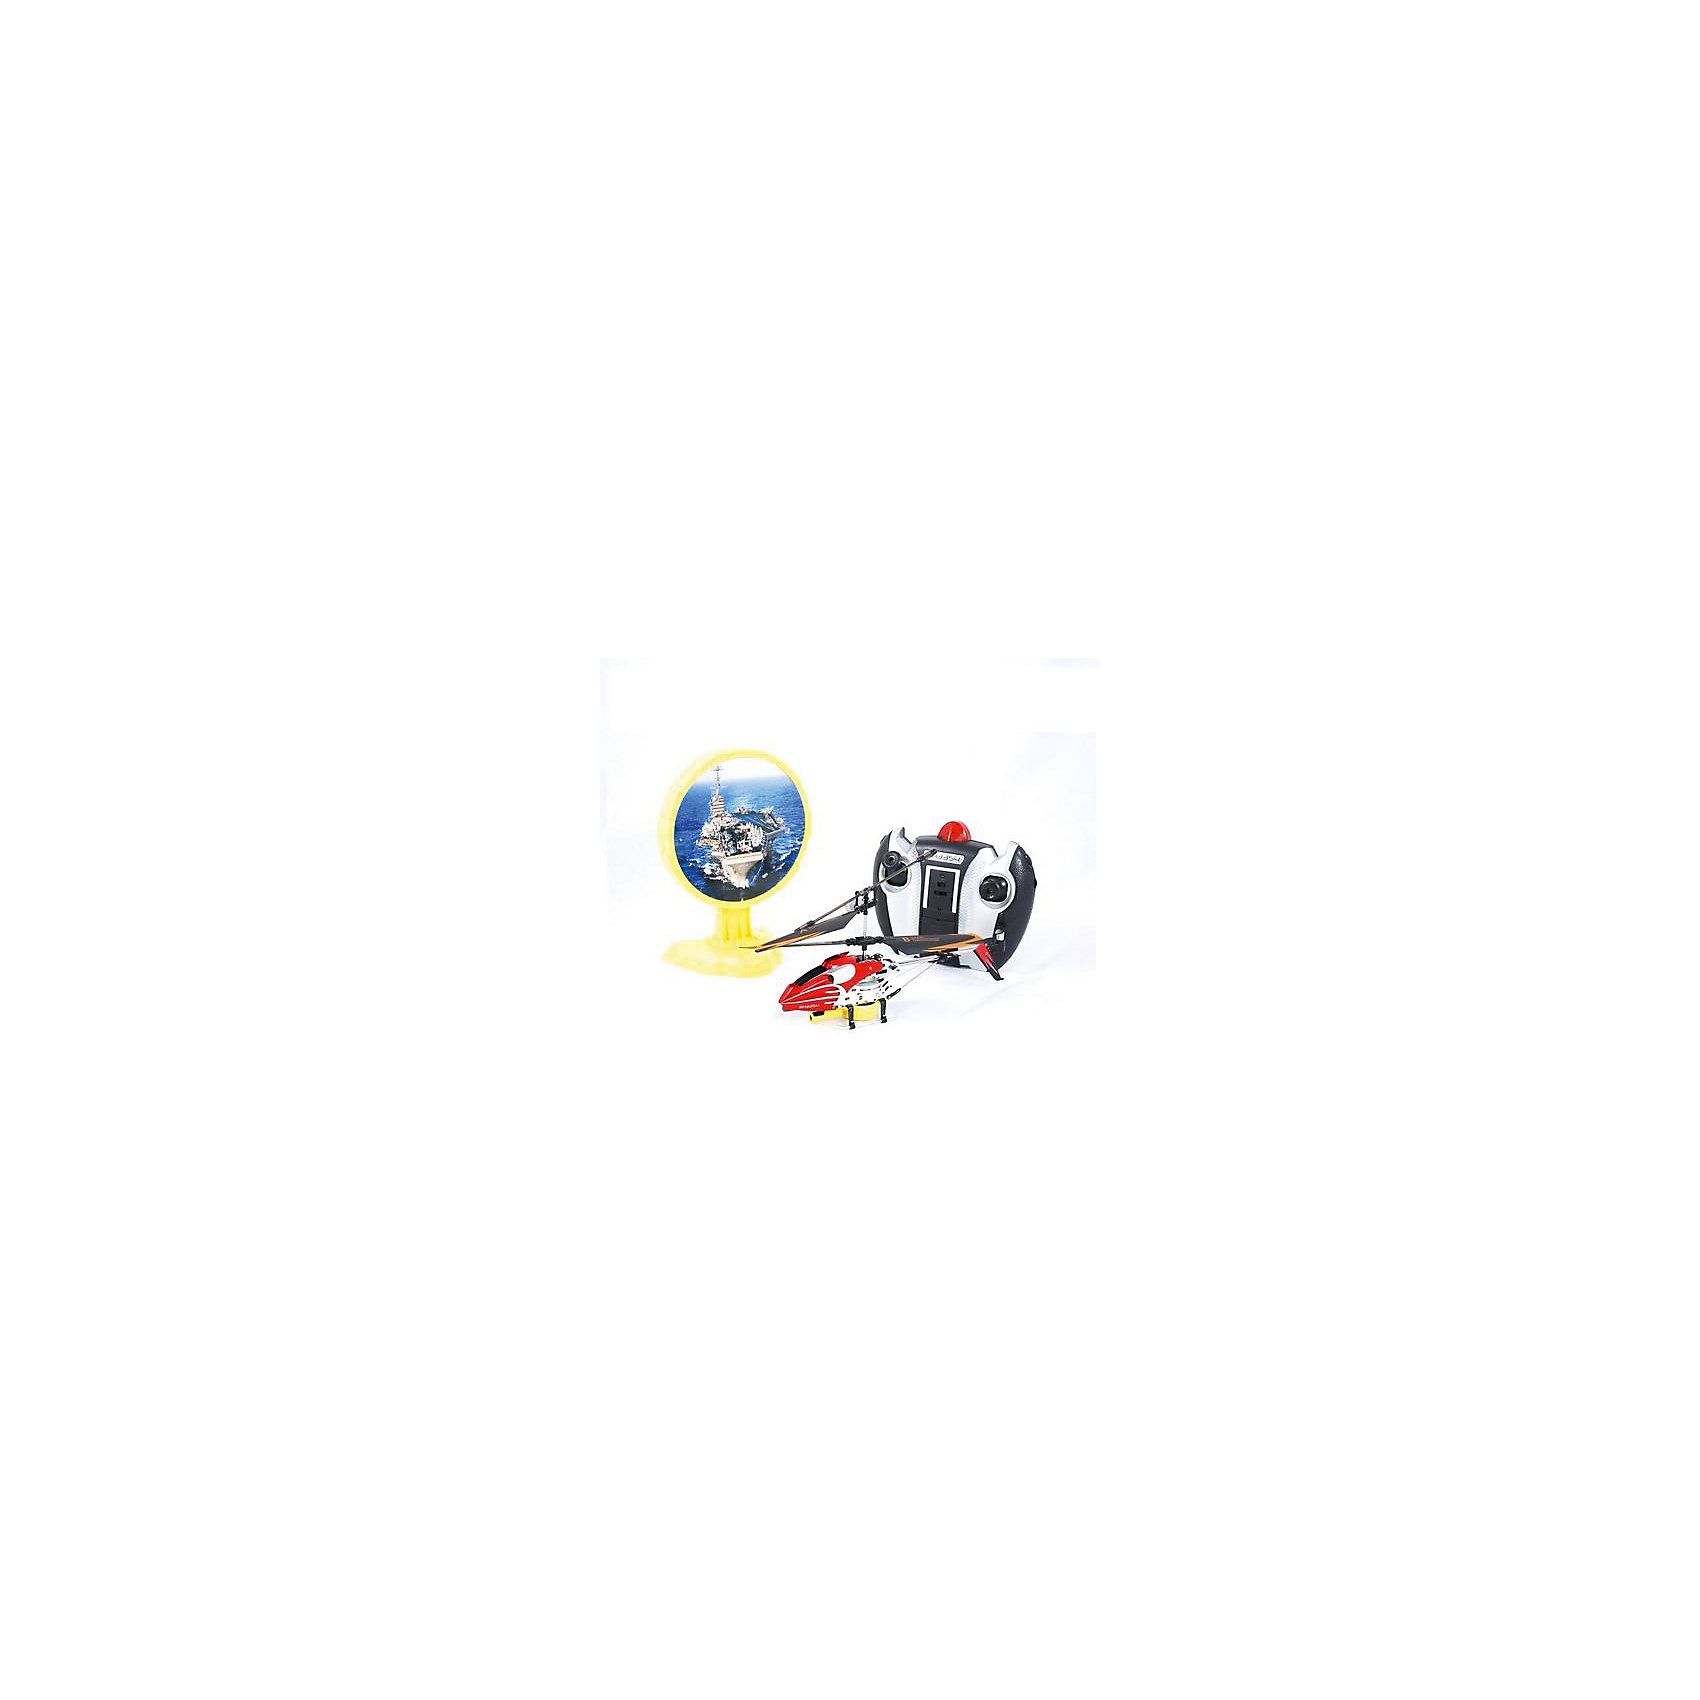 Вертолет на р/у с инфракрасной пушкой и мишенью, красный, Властелин небесРадиоуправляемый транспорт<br>Вертолет на р/у с инфракрасной пушкой и мишенью, красный, Властелин небес<br><br>Характеристики:<br><br>• сбейте авианосец с помощью пульта управления<br>• мишень воспроизводит реалистичные звуки<br>• при попадании в цель загораются огни<br>• вертолет летает в любую сторону и поворачивается<br>• встроенный гироскоп<br>• в комплекте: вертолет, пульт управления, запасной хвостовой винт, 2 лопасти<br>• время полета: 6-9 минут<br>• радиус действия: до 20 метров<br>• размер вертолета: 21х4х10 см<br>• диаметр основного винта: 19 см<br>• диаметр хвостового винта: 3 см<br>• вес: 770 грамм<br>• материал: металл, пластик<br>• батарейки: АА / LR6/1,5V (не входят в комплект)<br>• цвет: красный<br><br>Вертолет Лазерная атака поможет весело провести время! Цель игры - сбить вражескую мишень стрельбой. Нажмите на красную кнопку пульта - начнется стрельба. При попадании в центр мишени появляются яркие огоньки. Сама мишень издает реалистичные звуки, подобно настоящему авианосцу. Вертолет летает во все стороны и разворачивается, а встроенный гироскоп обеспечивает стабильность. Дальность действия - 20 метров, что позволяет играть не только в помещении, но и на улице в безветренную погоду. <br>Для работы необходимы пальчиковые батарейки (в комплект не входят).<br><br>Вертолет на р/у с инфракрасной пушкой и мишенью, красный, Властелин небес вы можете купить в нашем интернет-магазине.<br><br>Ширина мм: 150<br>Глубина мм: 295<br>Высота мм: 160<br>Вес г: 770<br>Возраст от месяцев: 108<br>Возраст до месяцев: 2147483647<br>Пол: Мужской<br>Возраст: Детский<br>SKU: 5397089